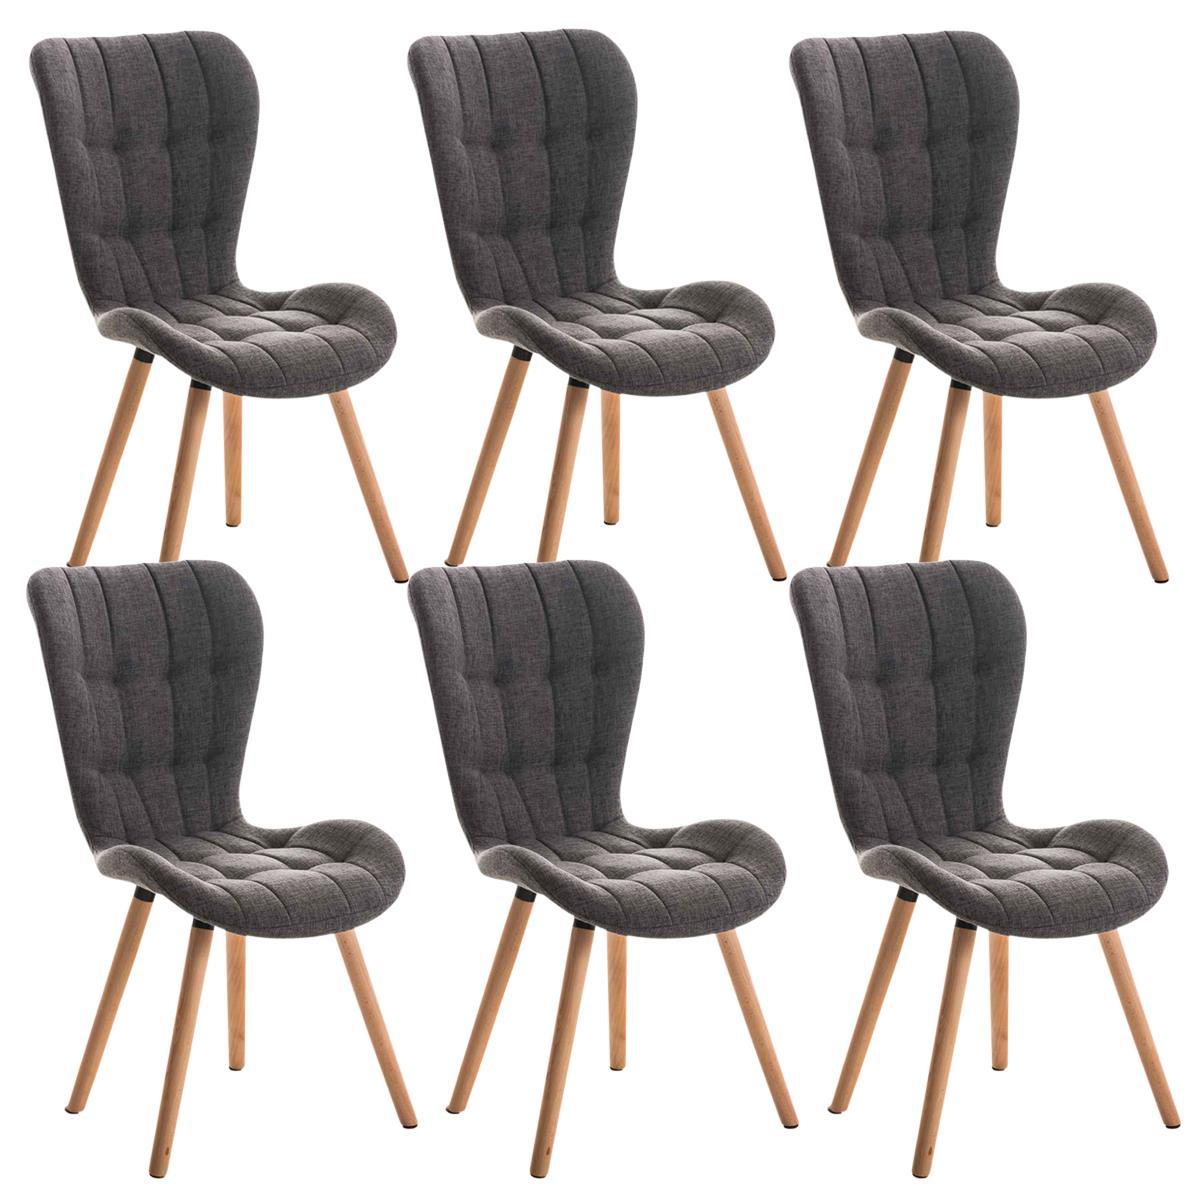 Lote de 6 sillas de comedor padua con capiton y for Sillas de comedor tapizadas en gris